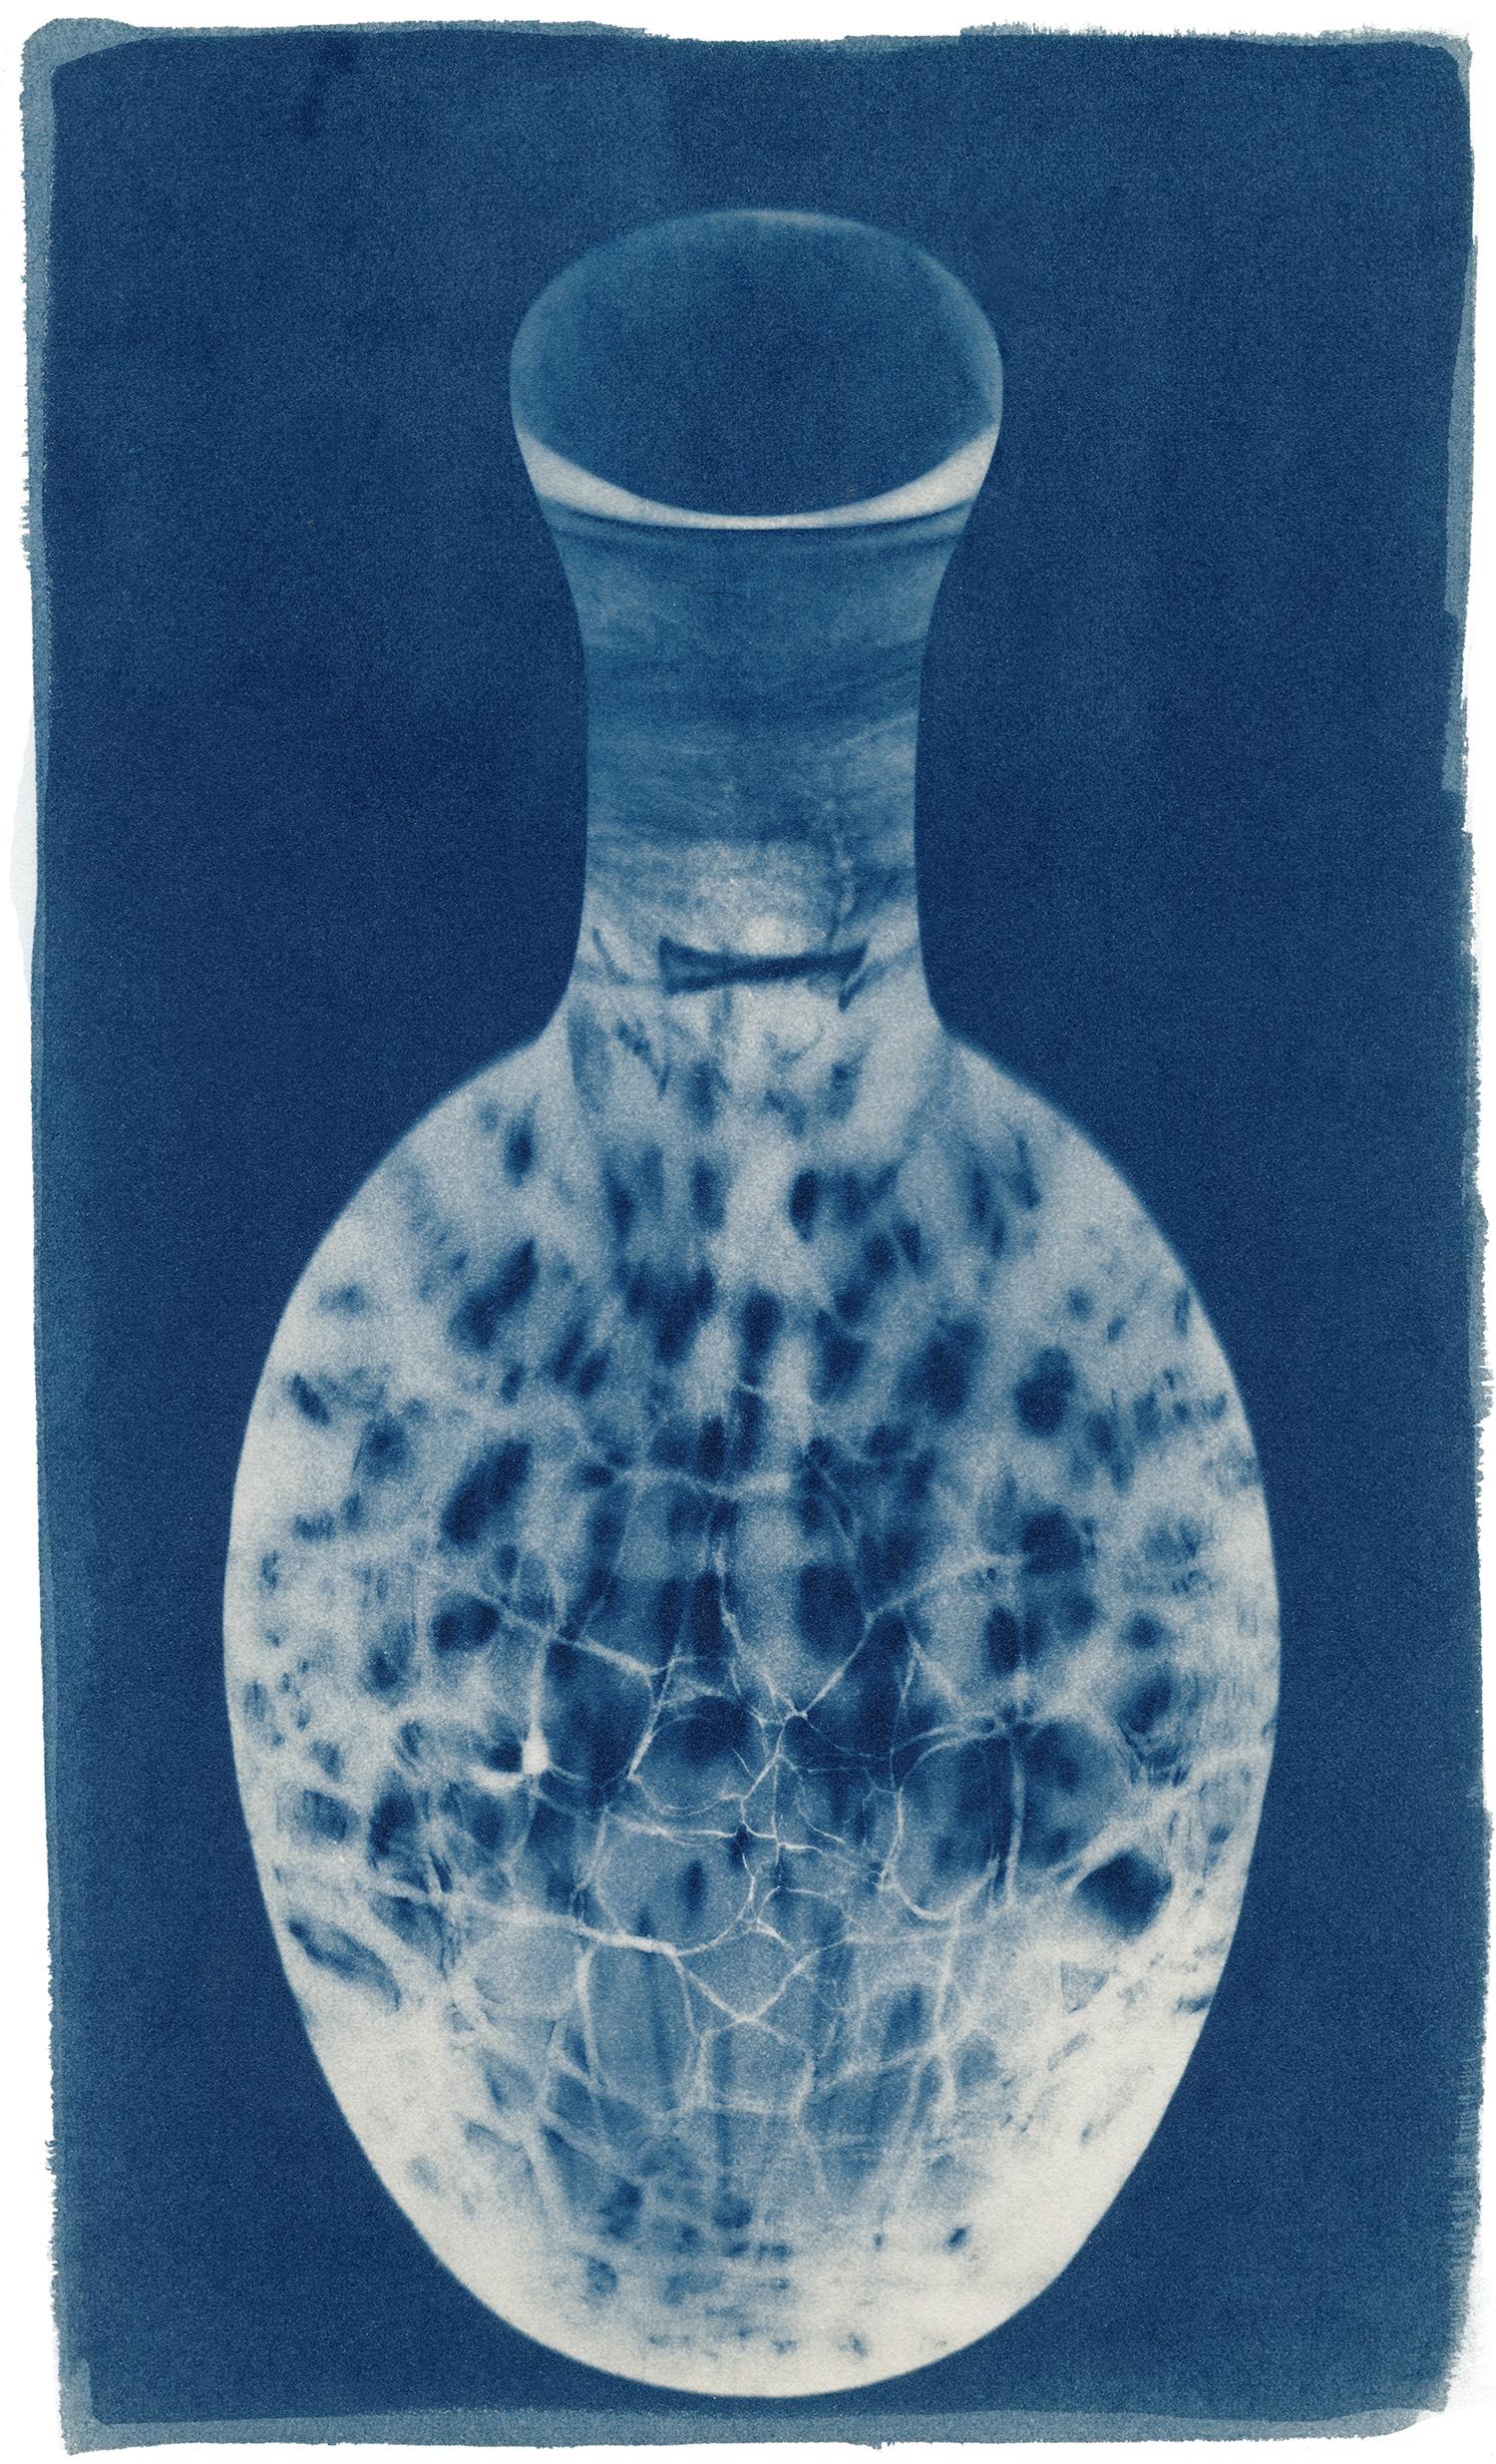 Spectral Vase, 2011